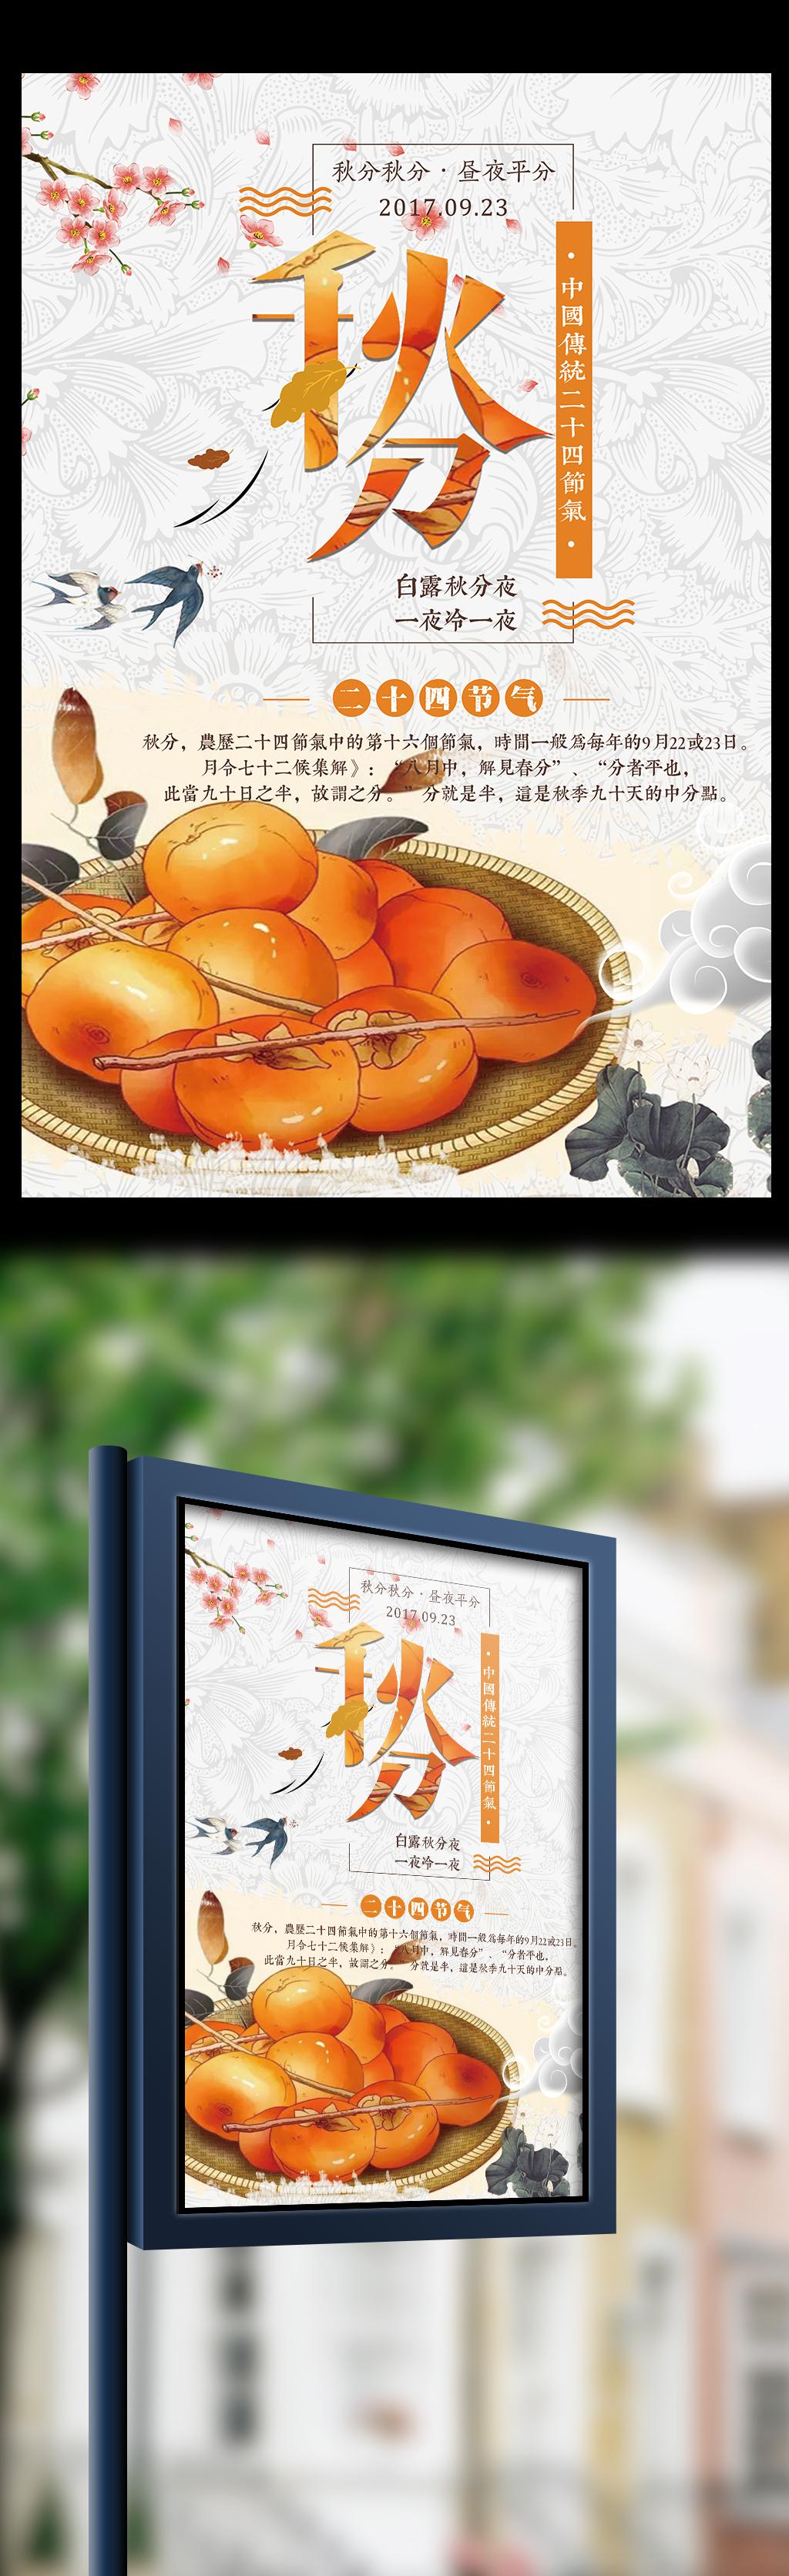 中国风24节气秋分海报设计下载 中国风24节气秋分海报设计图片素材